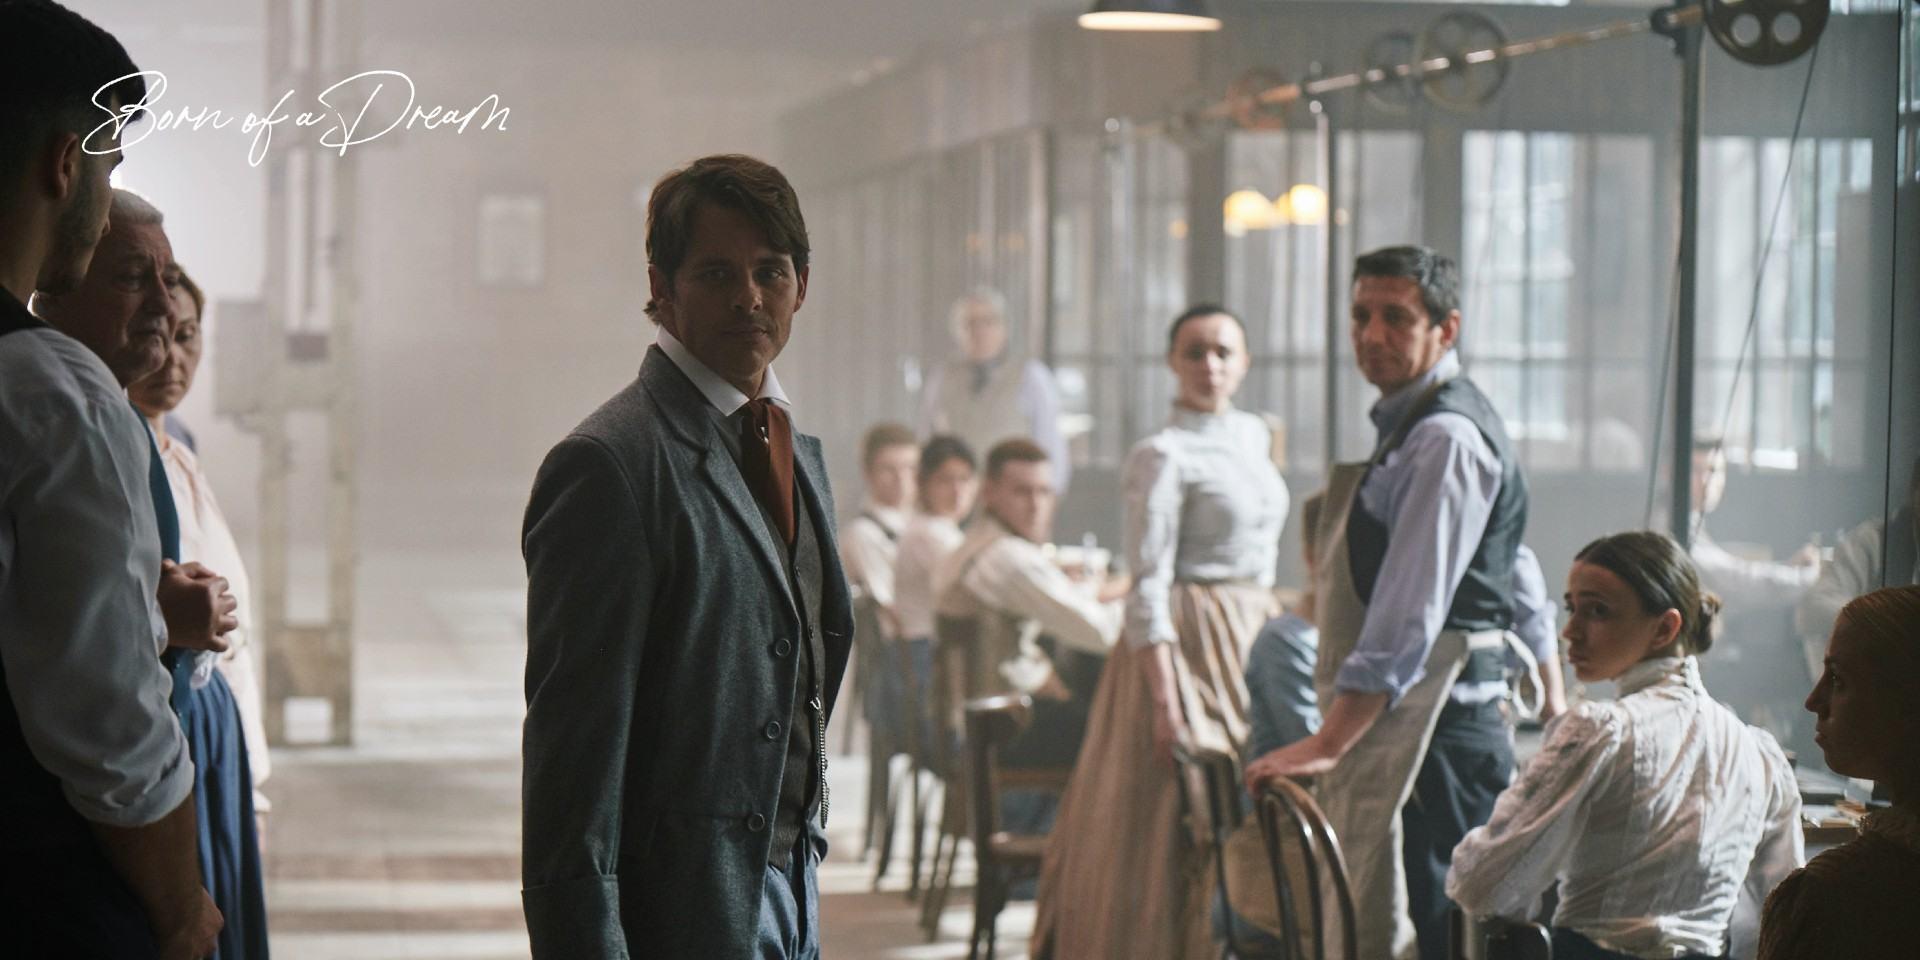 IWC《夢想的誕生》第二部微電影由品牌大使詹姆斯.馬斯登飾演品牌創辦人佛羅倫汀.瓊斯